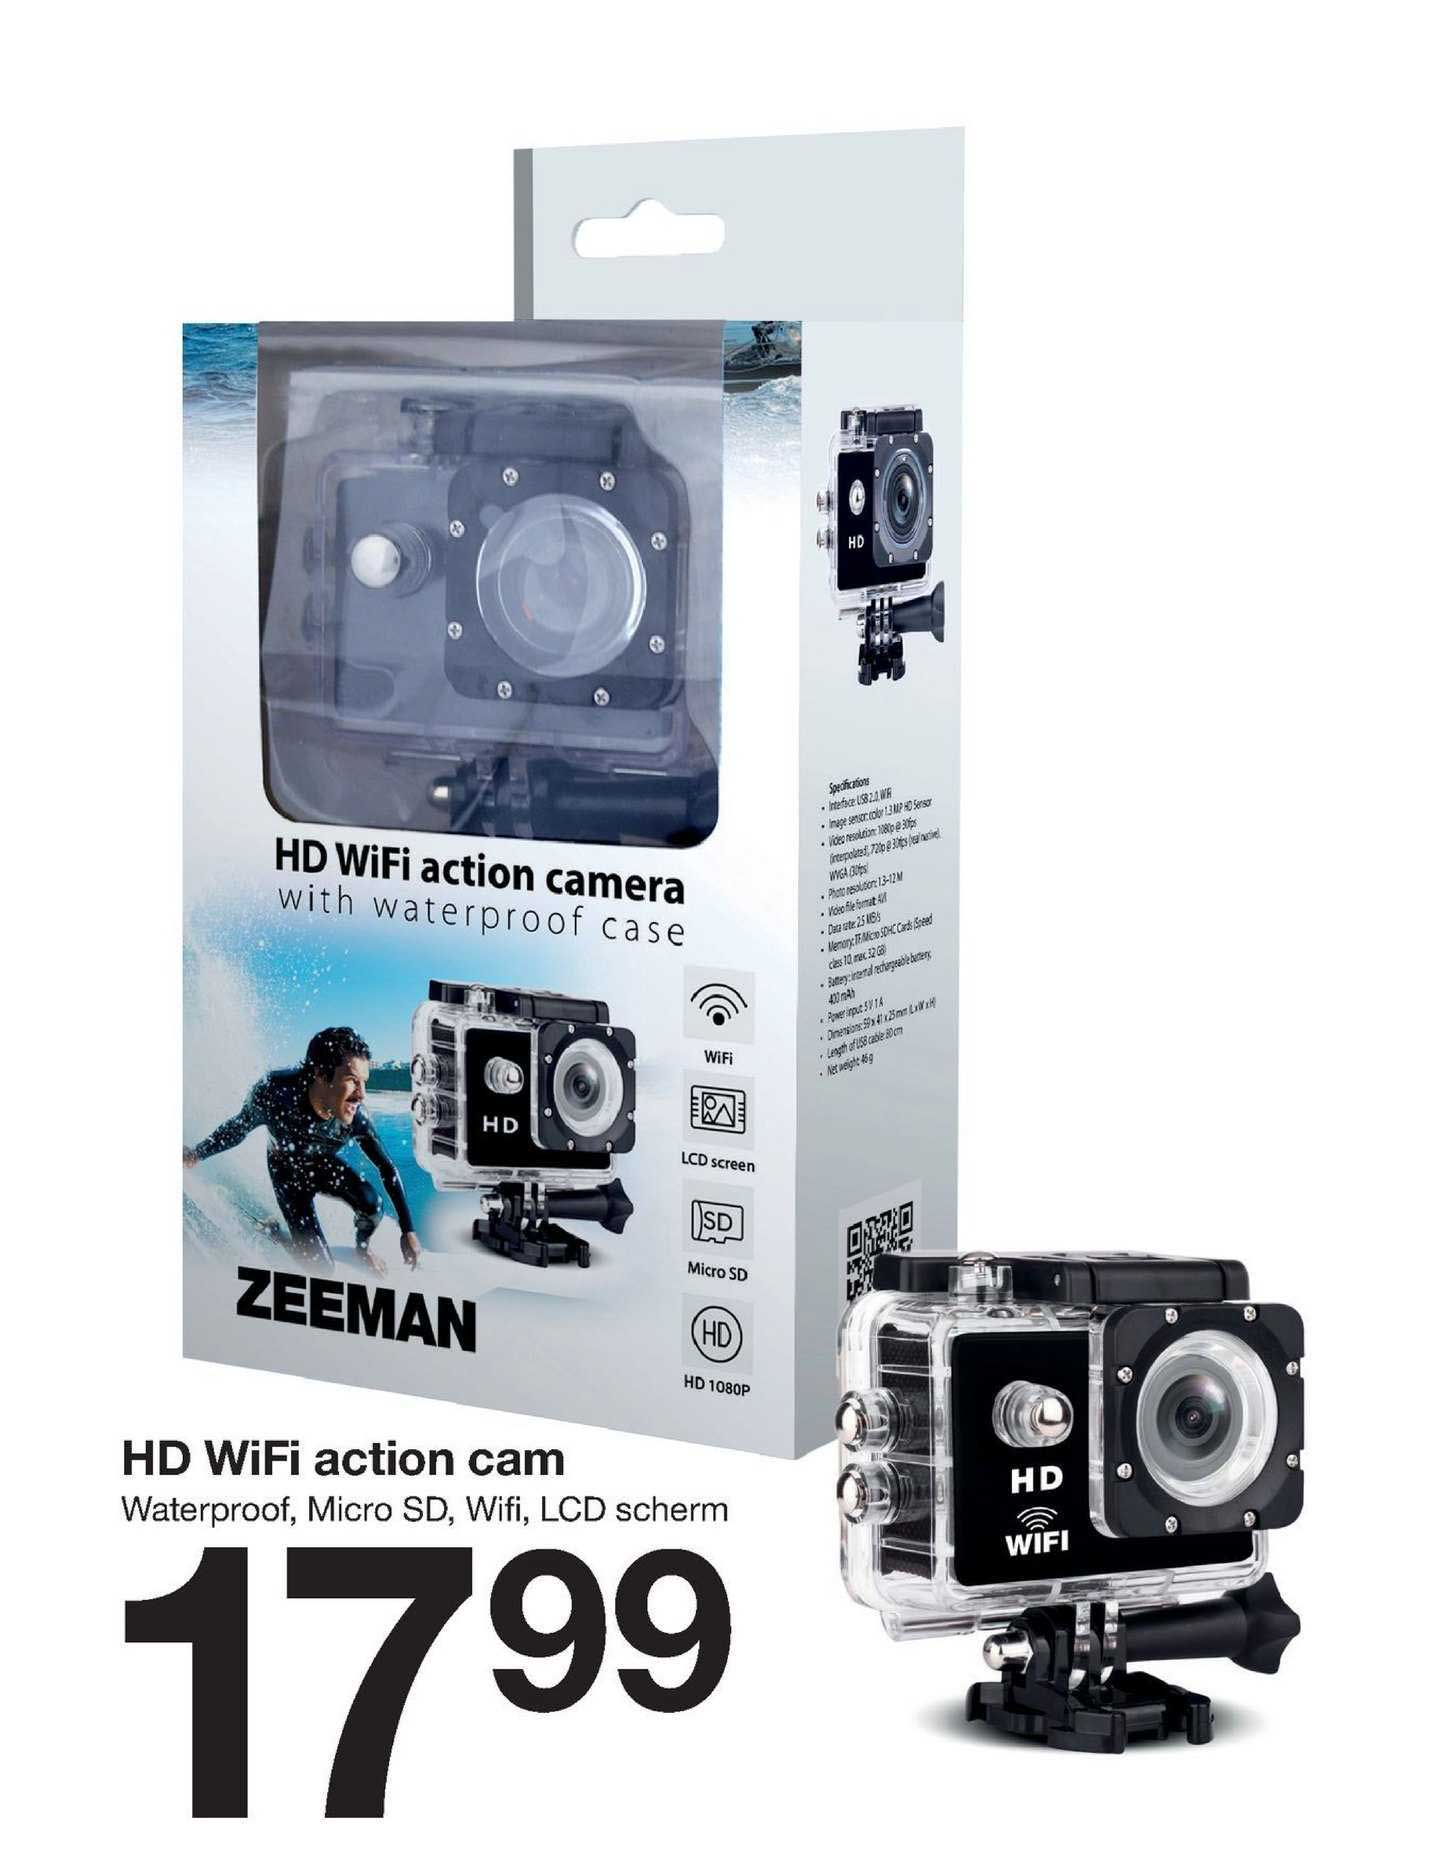 Zeeman HD Wifi Action Cam